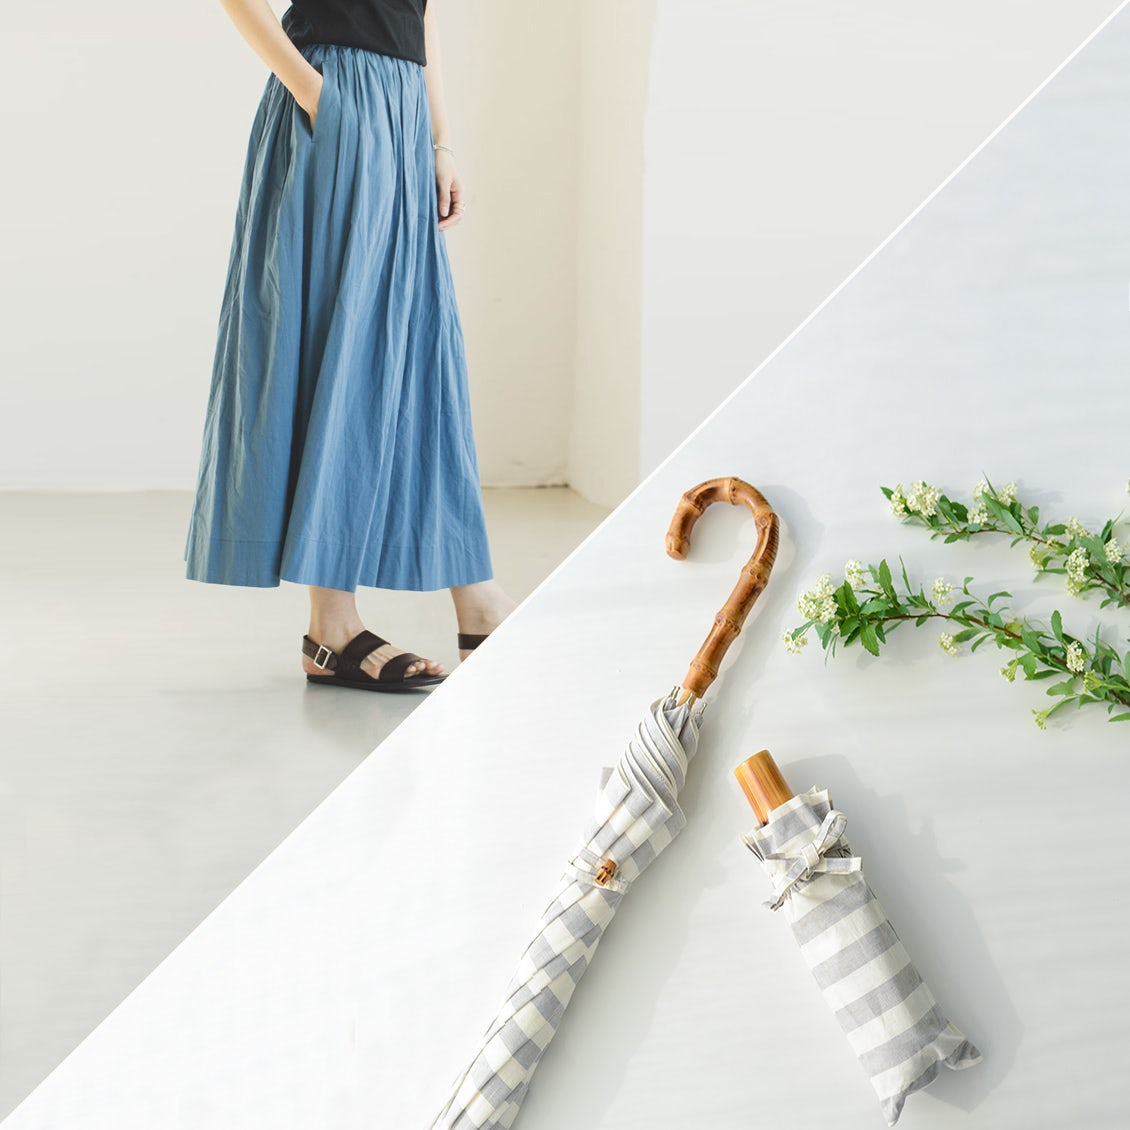 【再入荷】毎年大人気のロングセラーアイテム!ギャザースカートとアンキャシェットの日傘がそろって登場